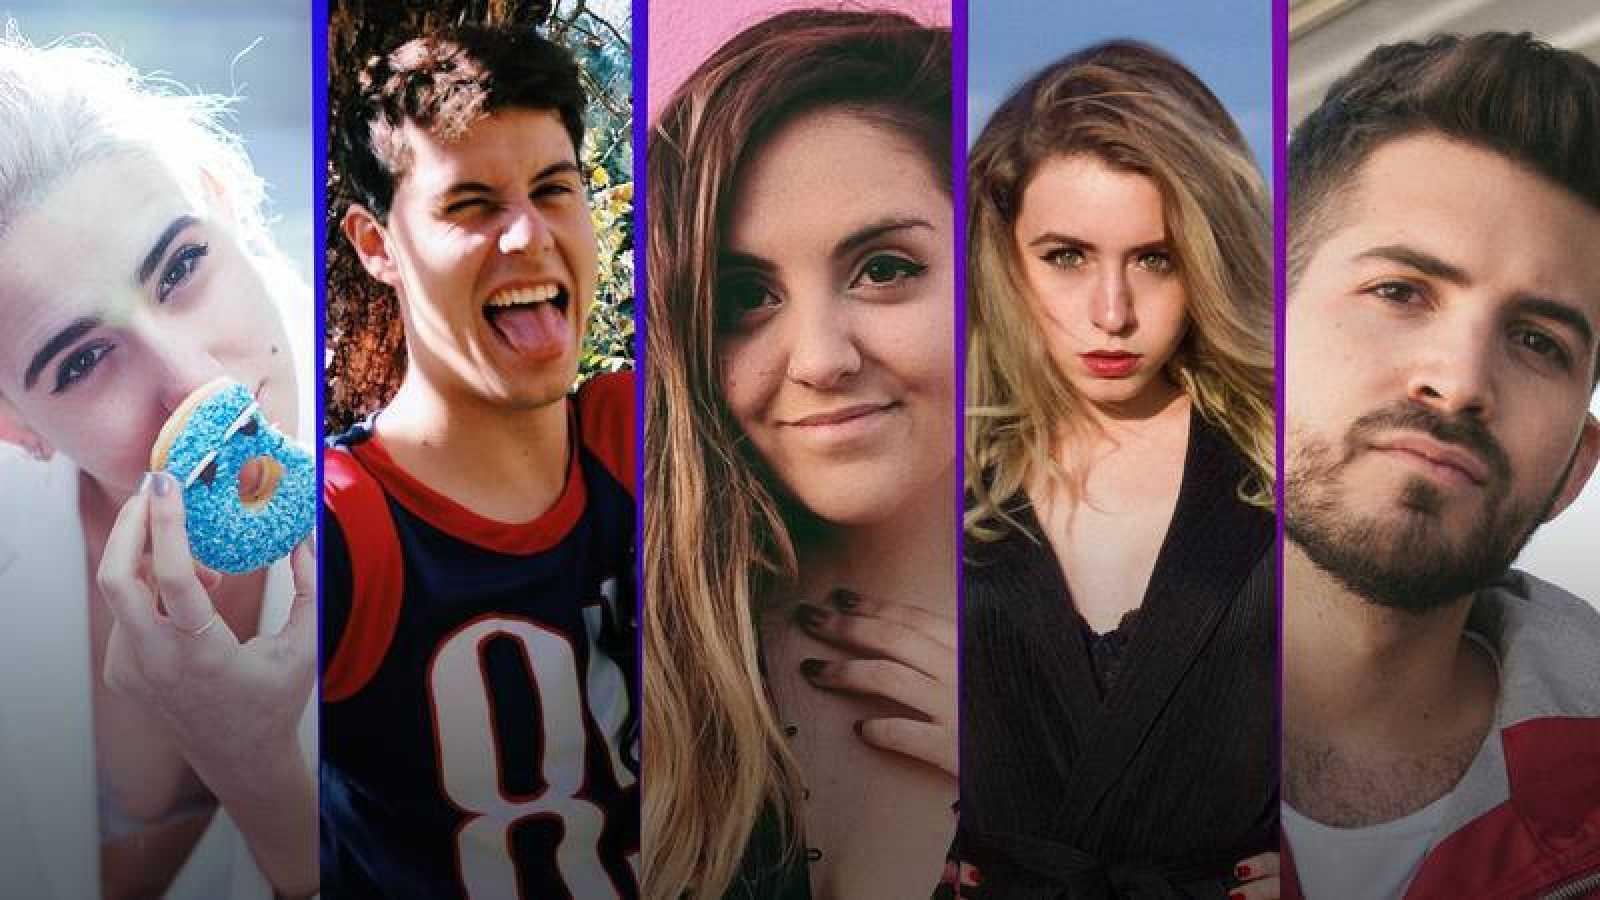 Bannanitas, Stone, Andrea Compton, Miare y Kikillo, protagonistas en las Campanadas de Playz